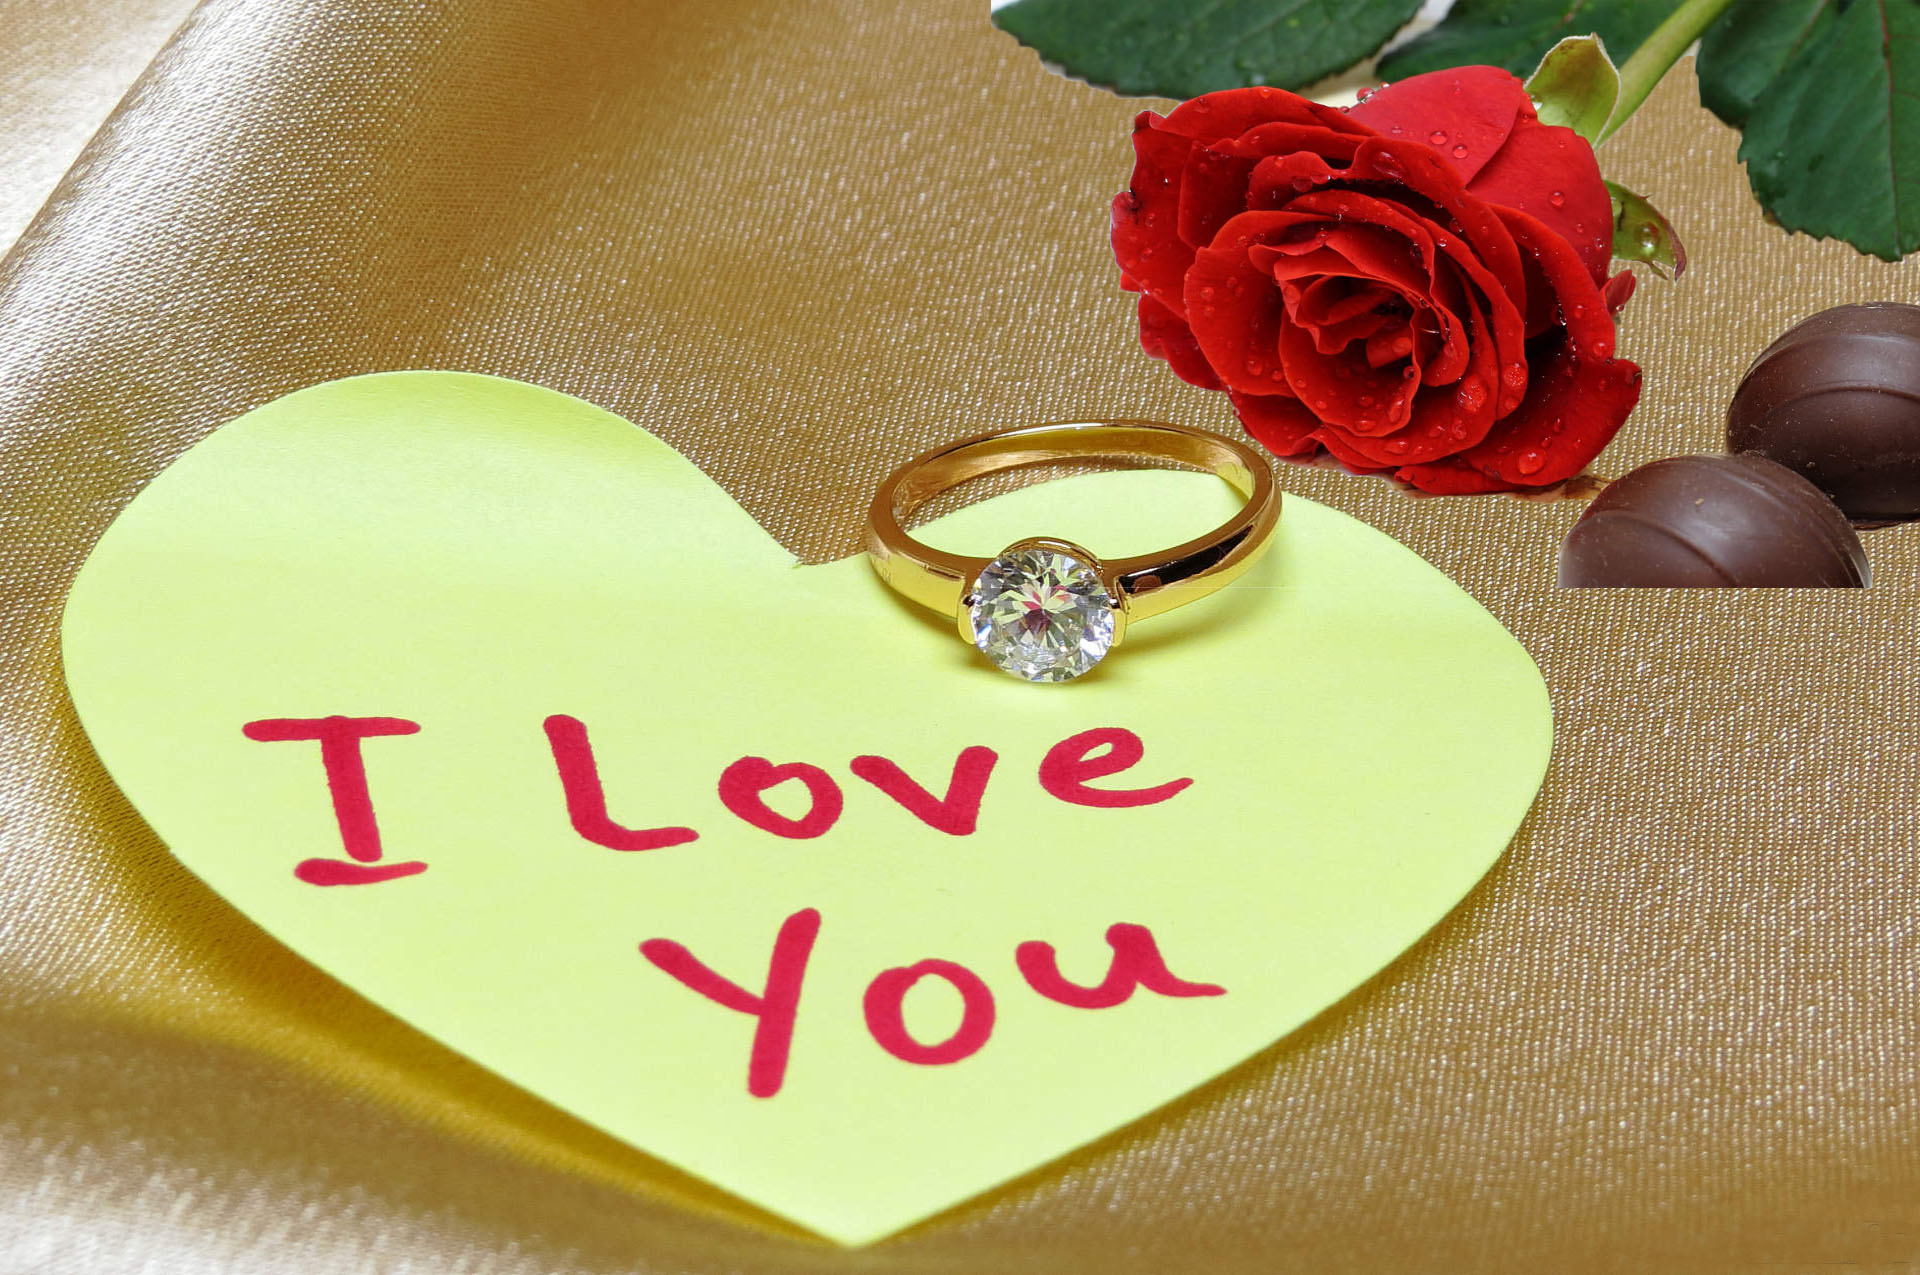 Eccezionale cosa regalare anniversario matrimonio 40 anni TI21